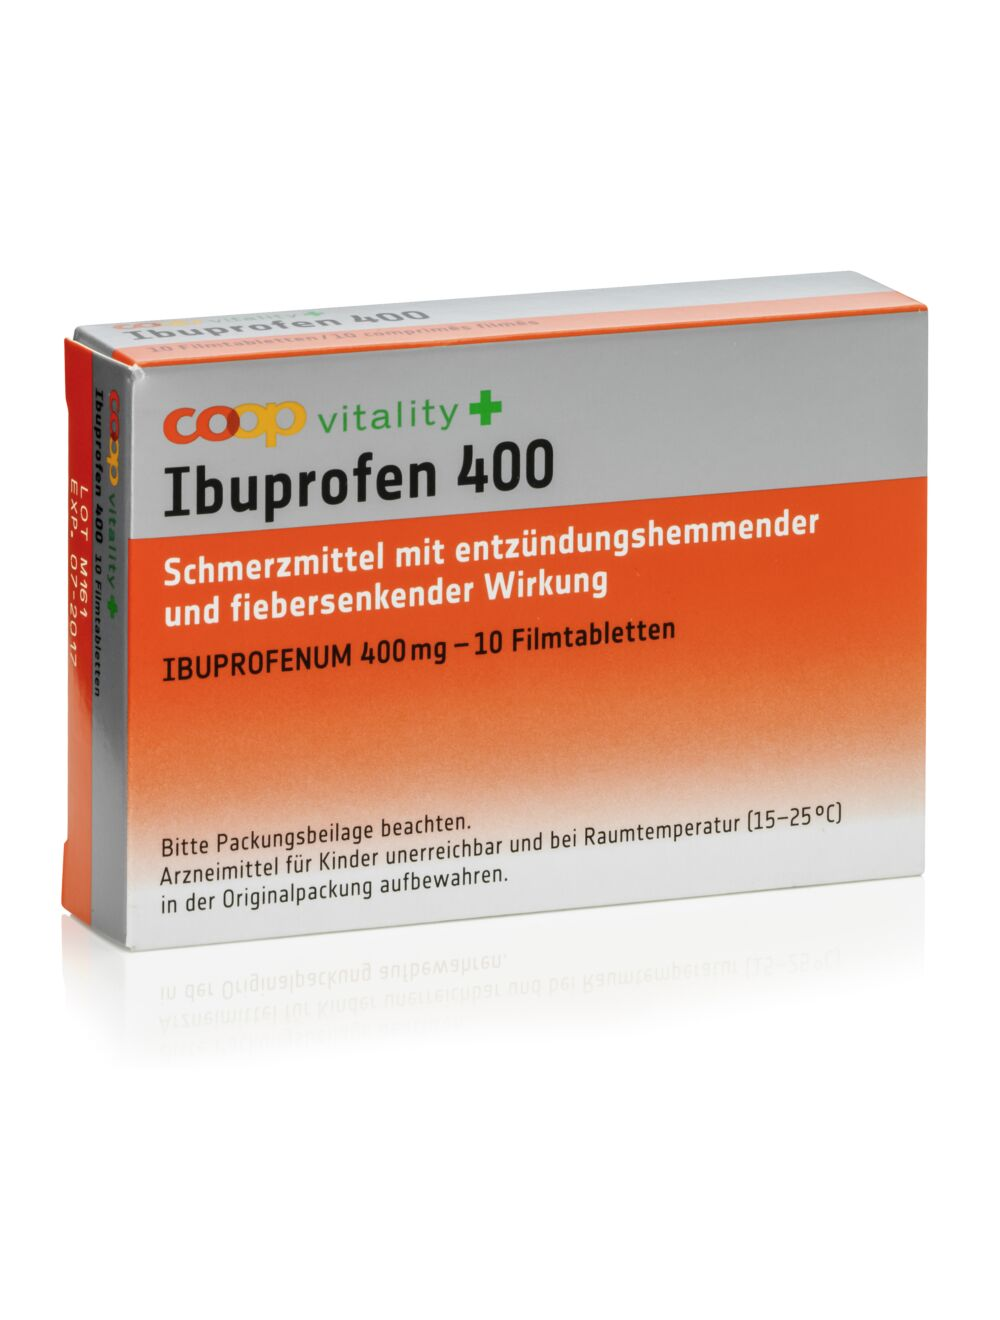 Nehmen kann schmerztabletten man antibiotika trotz Welche Medikamente